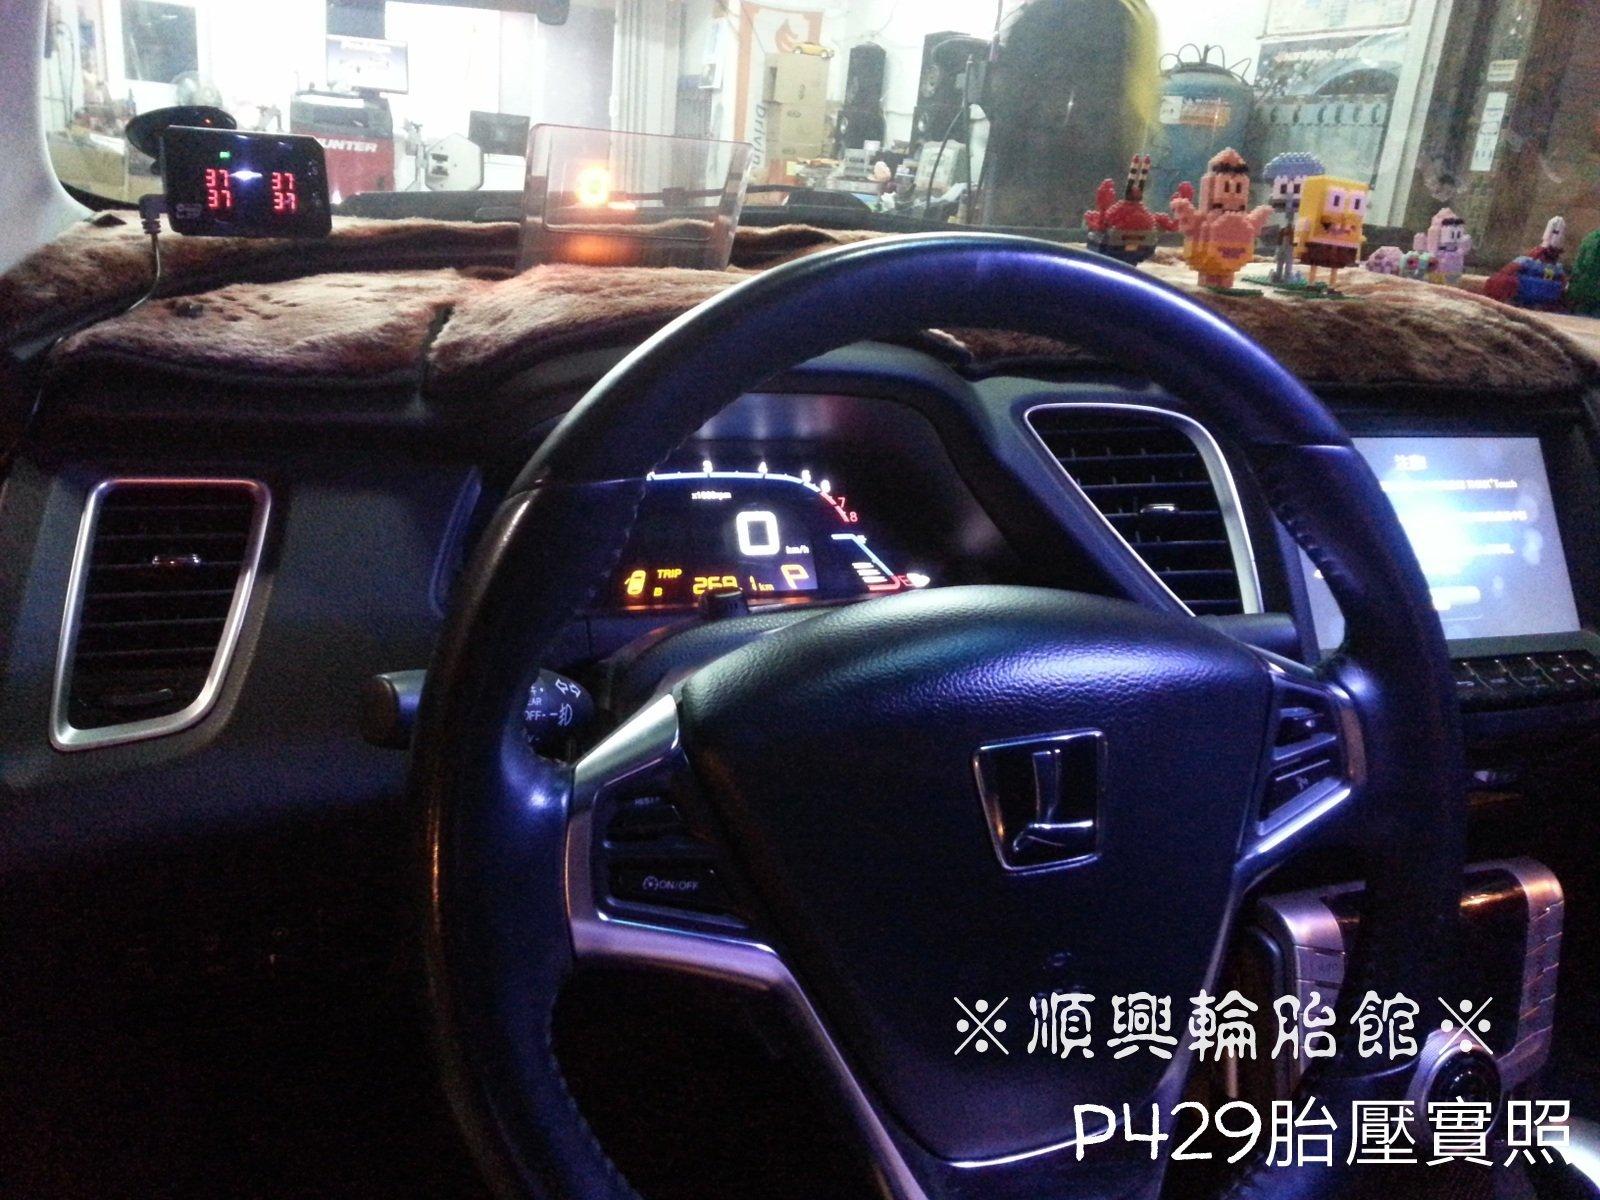 (台南順興專業輪胎館)普利司通T001 215/55/17+P429胎壓監控組合 熱線安裝中☏☏☏﹒。﹒•